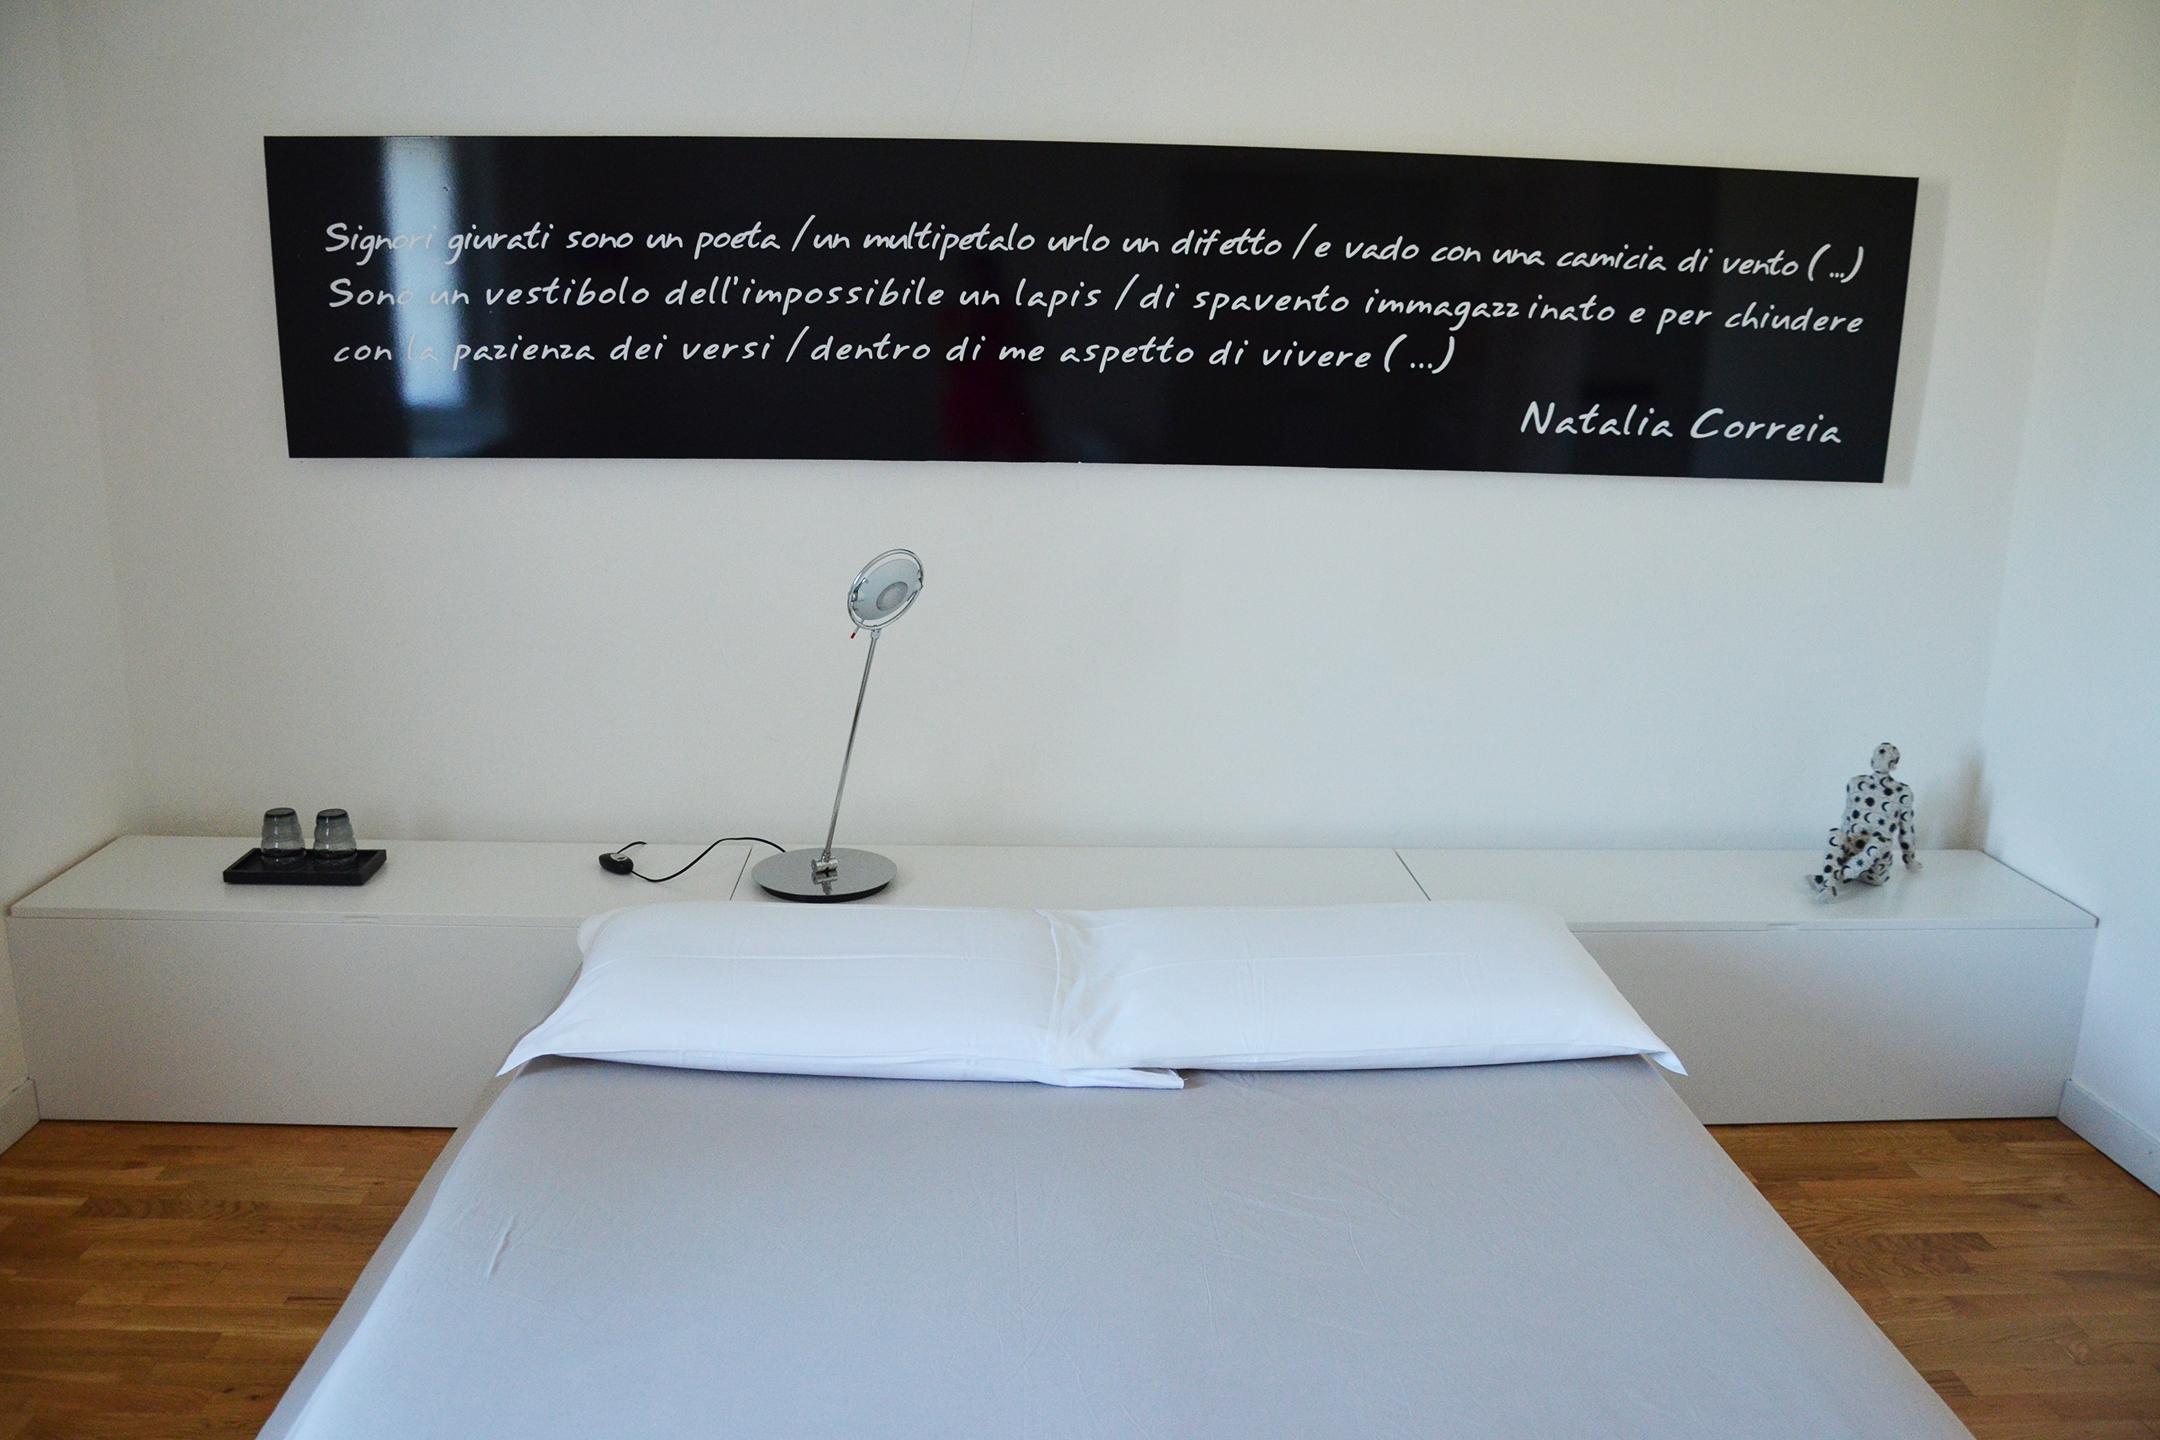 bed-and-breakfast-sicilia-alessia-canella-B&B-sicily-trip-viaggiare-camera-da-letto-sicily-design